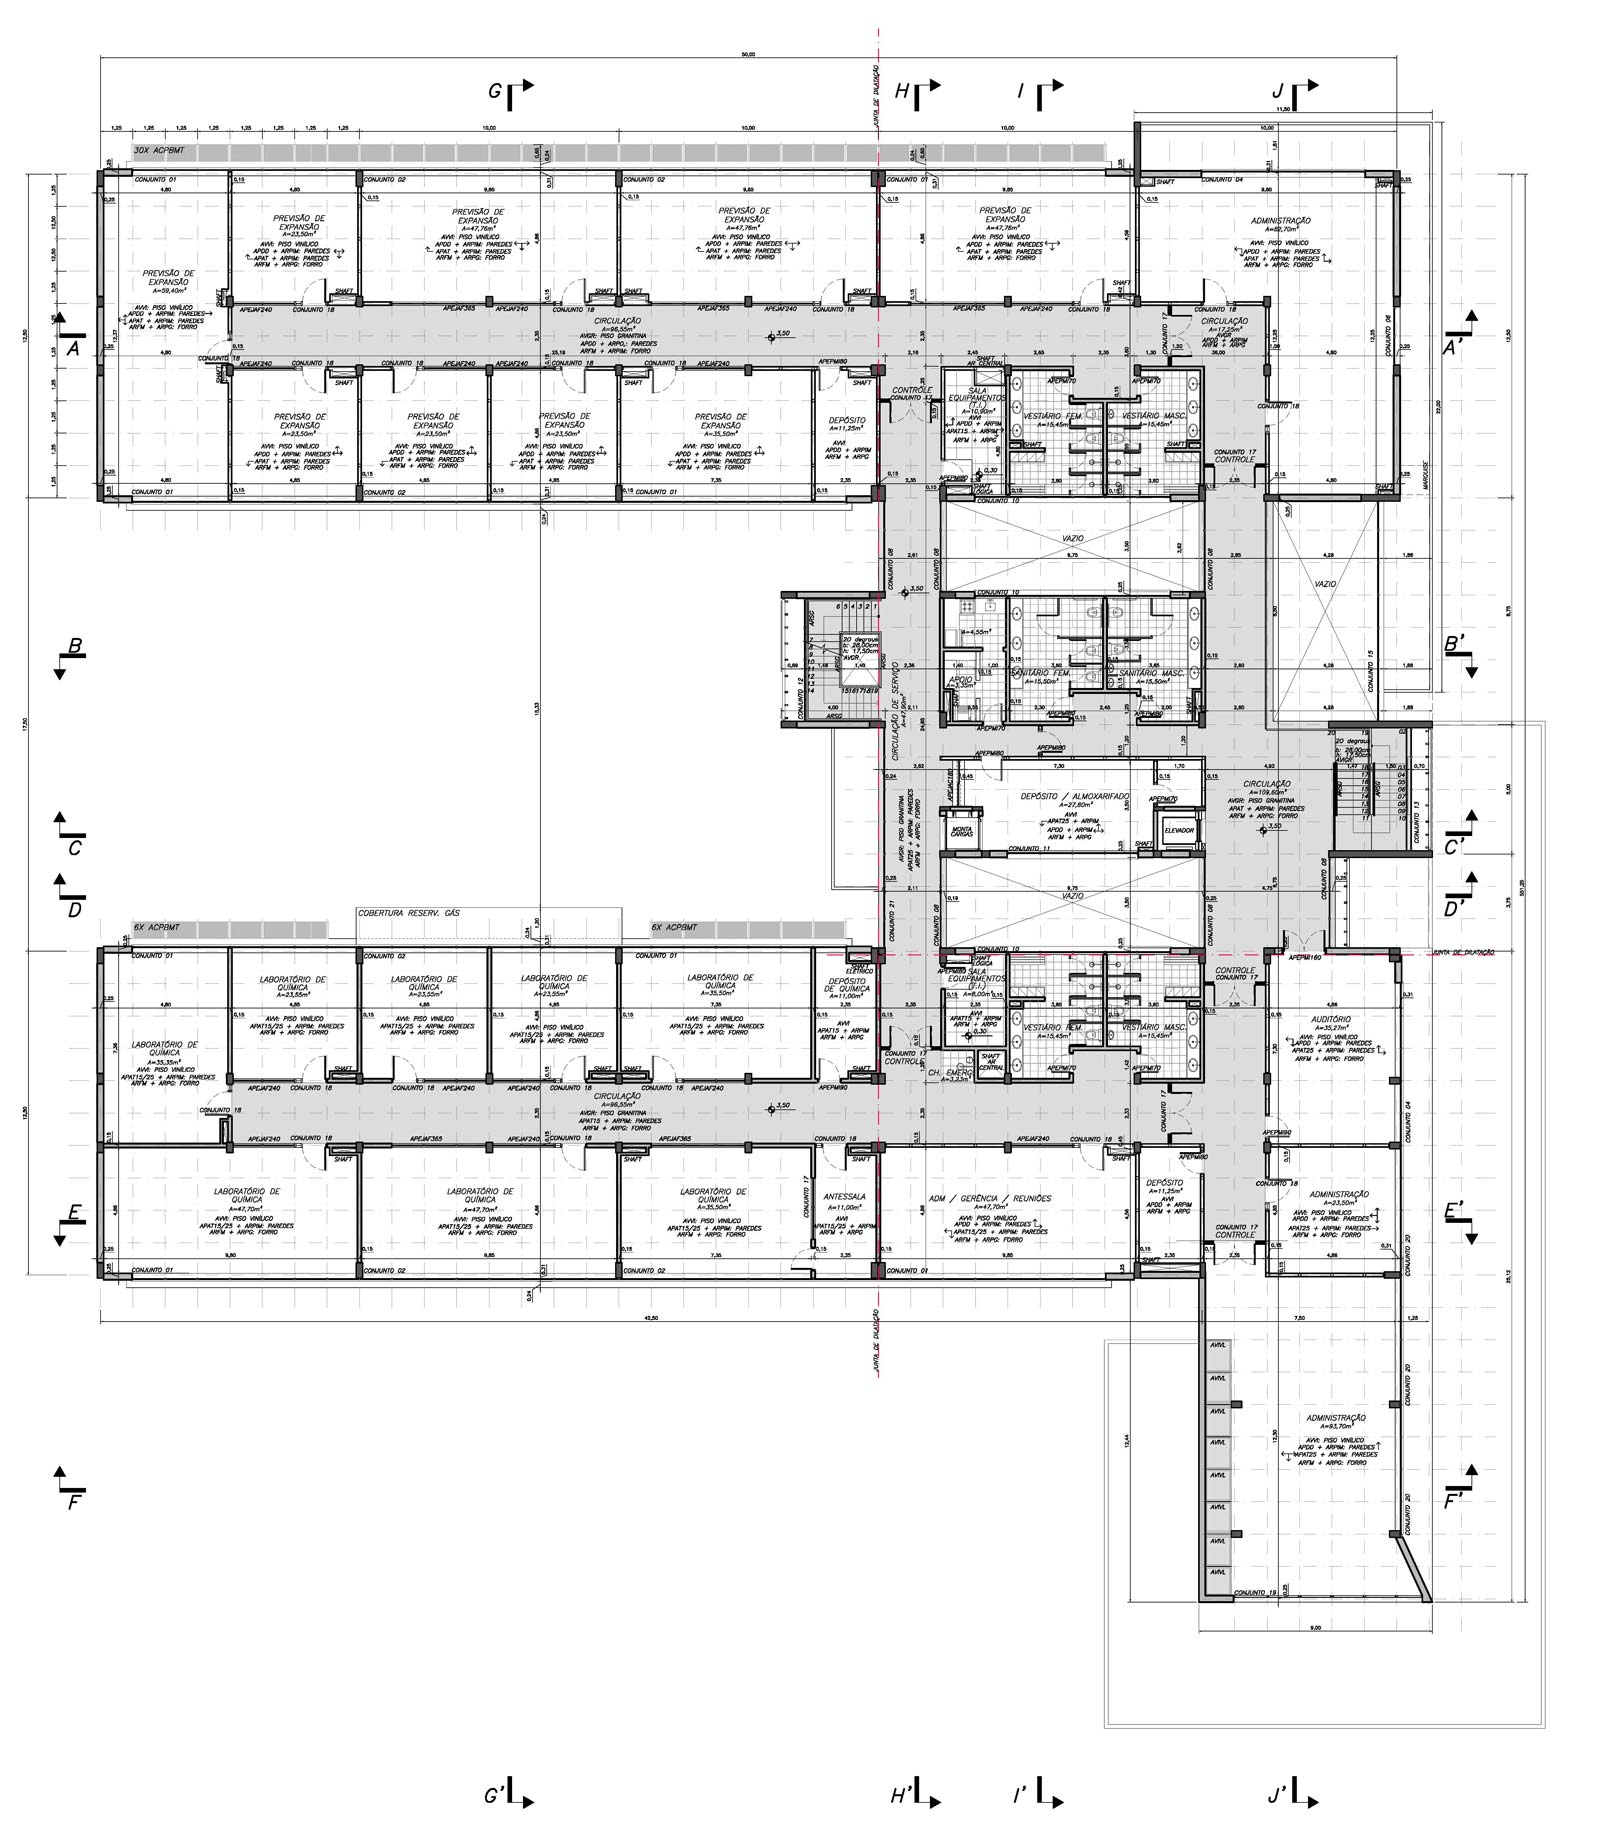 escritório recepção copa banheiros depósitos auditório etc #785361 1600 1824